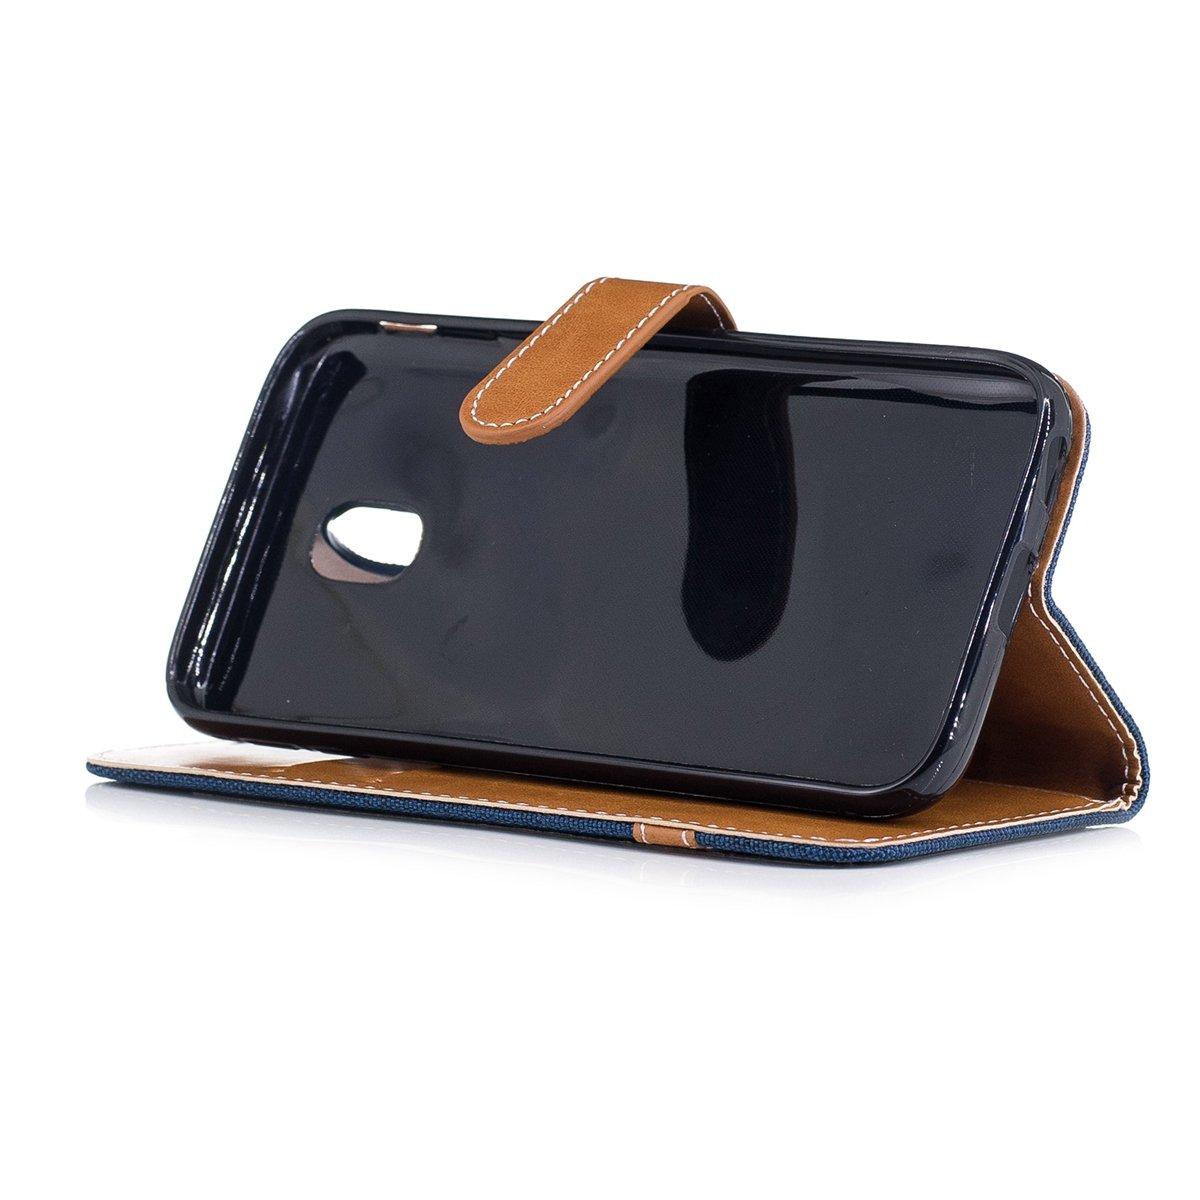 Leinen Dunkelblau Canvas PU Leder Flip Cover Brieftasche Ledertasche Handyh/ülle Tasche Case Schutzh/ülle H/ülle mit Handschlaufe f/ür Samsung Galaxy J3 2017 ISAKEN Kompatibel mit Galaxy J3 2017 H/ülle